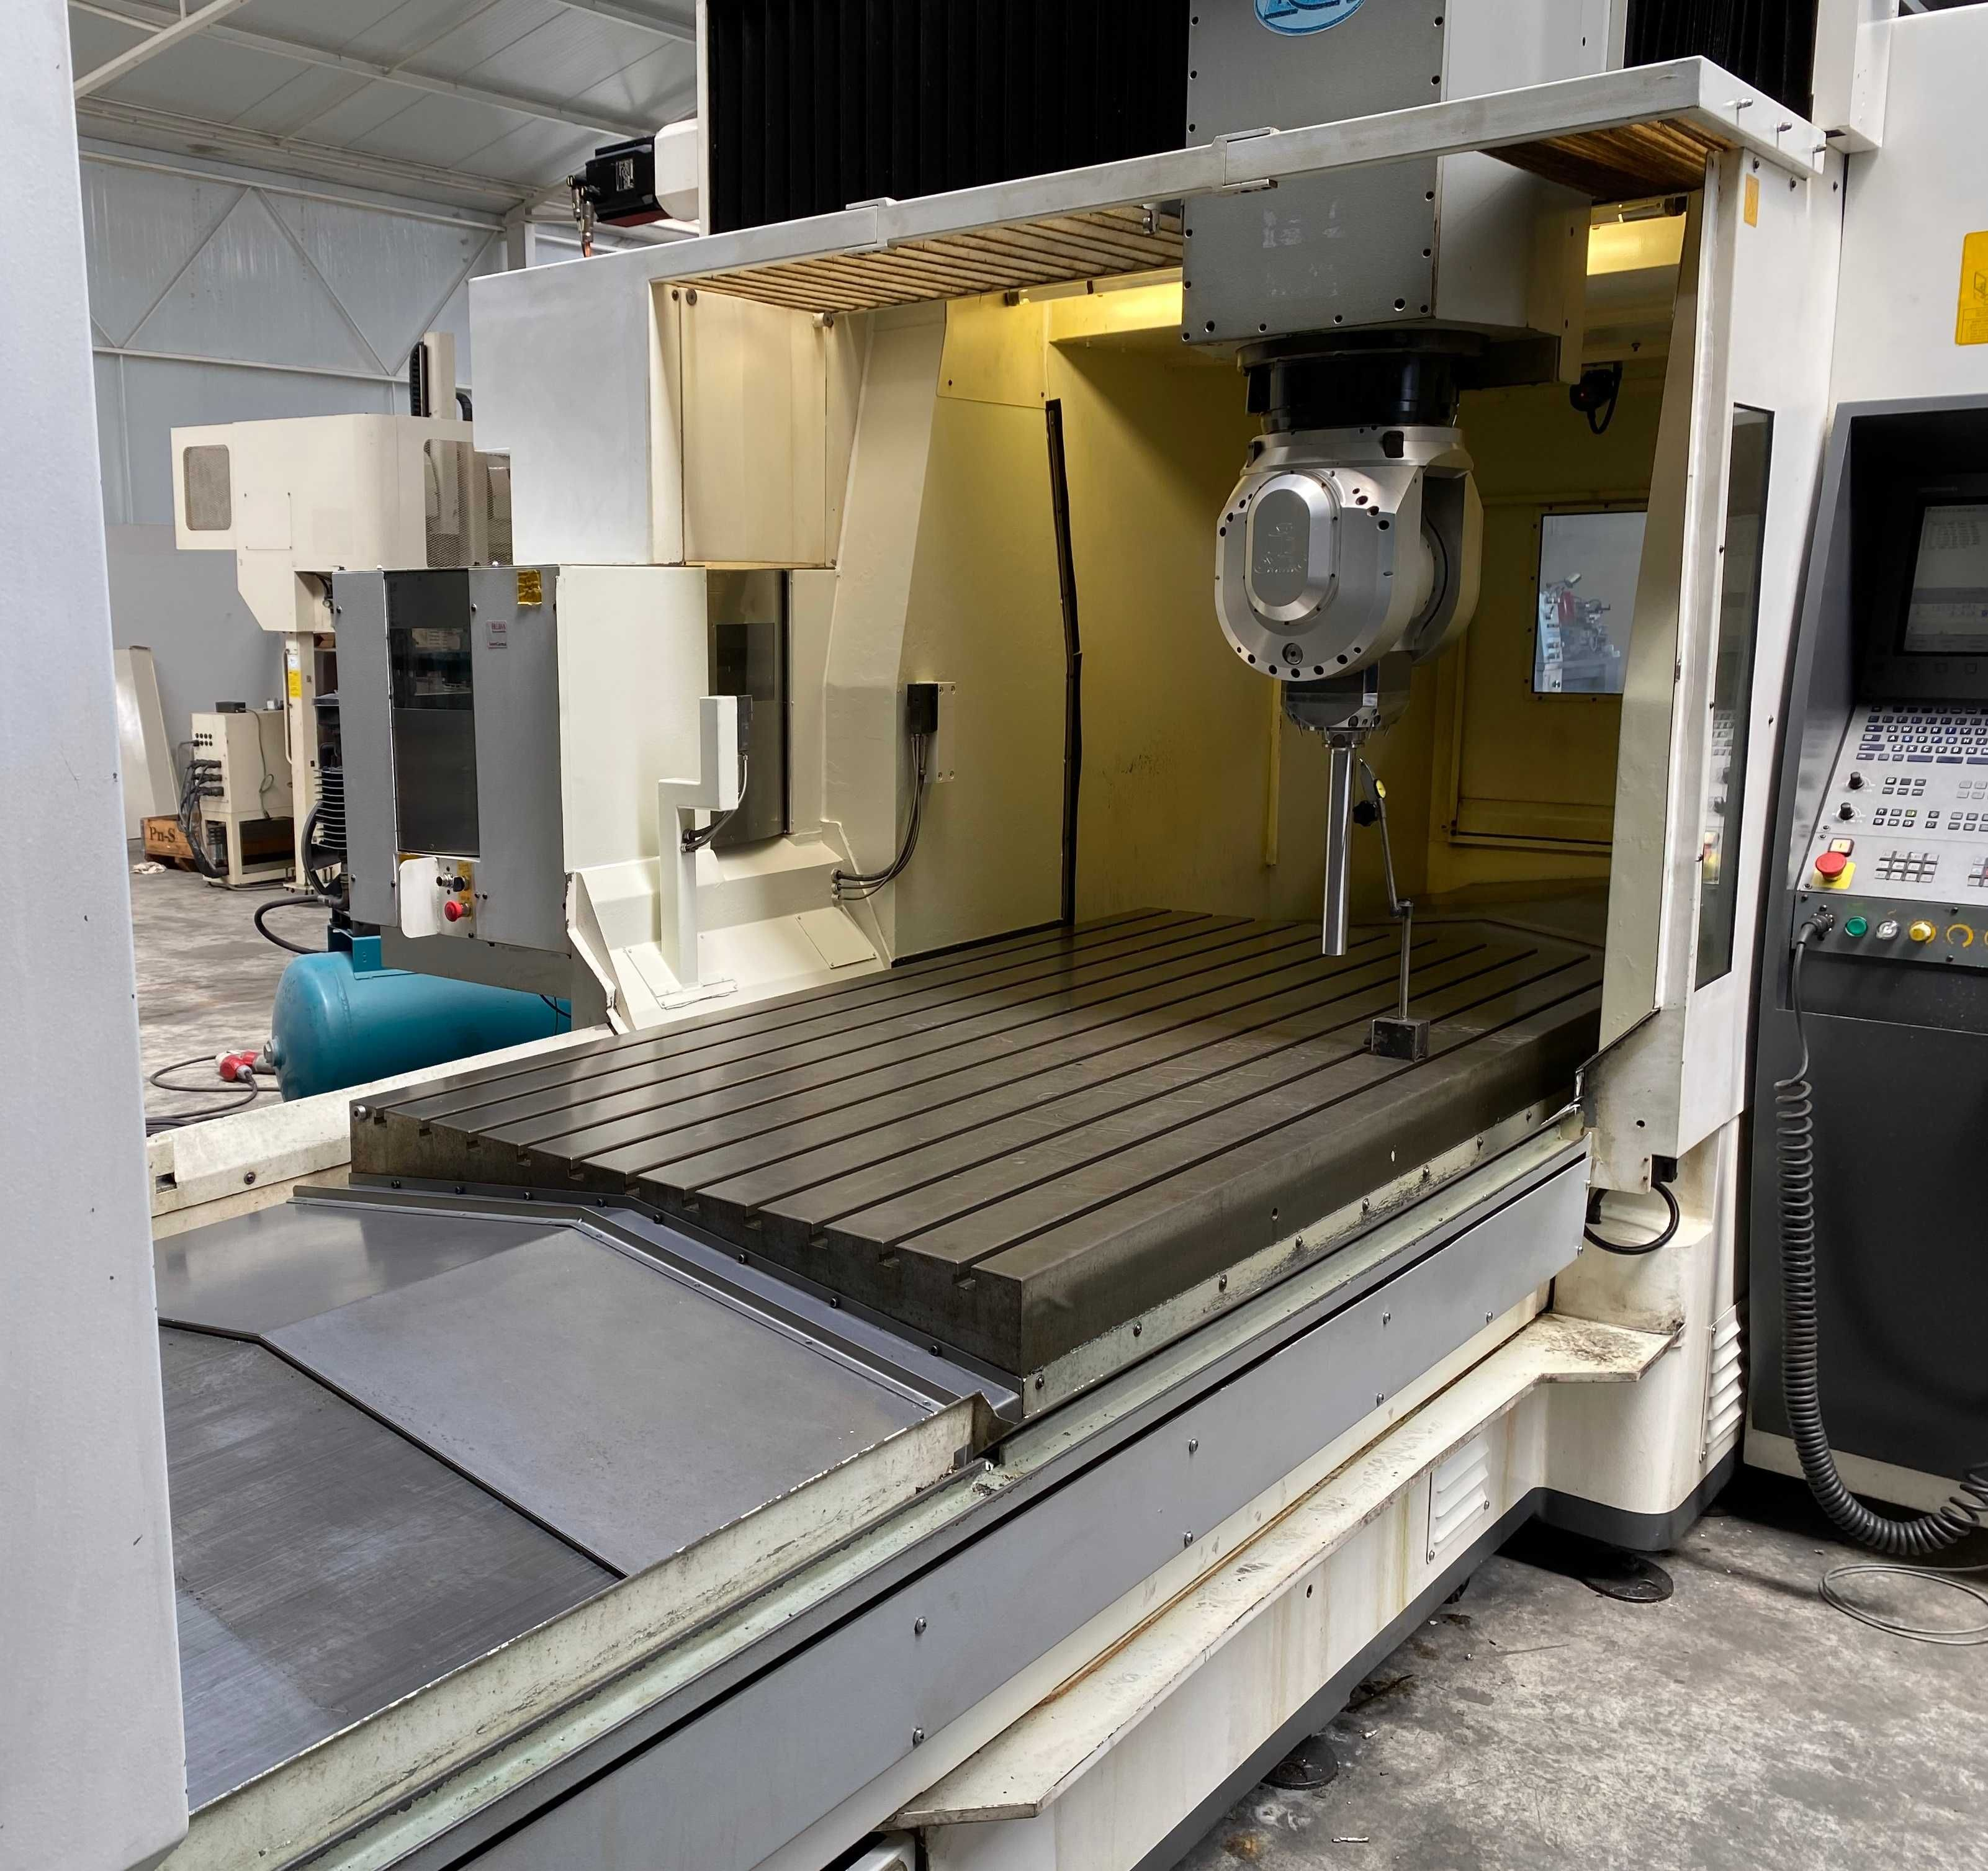 Centro maquinação pórtico 5 eixos fresadora cnc torno Heidenhain 530i